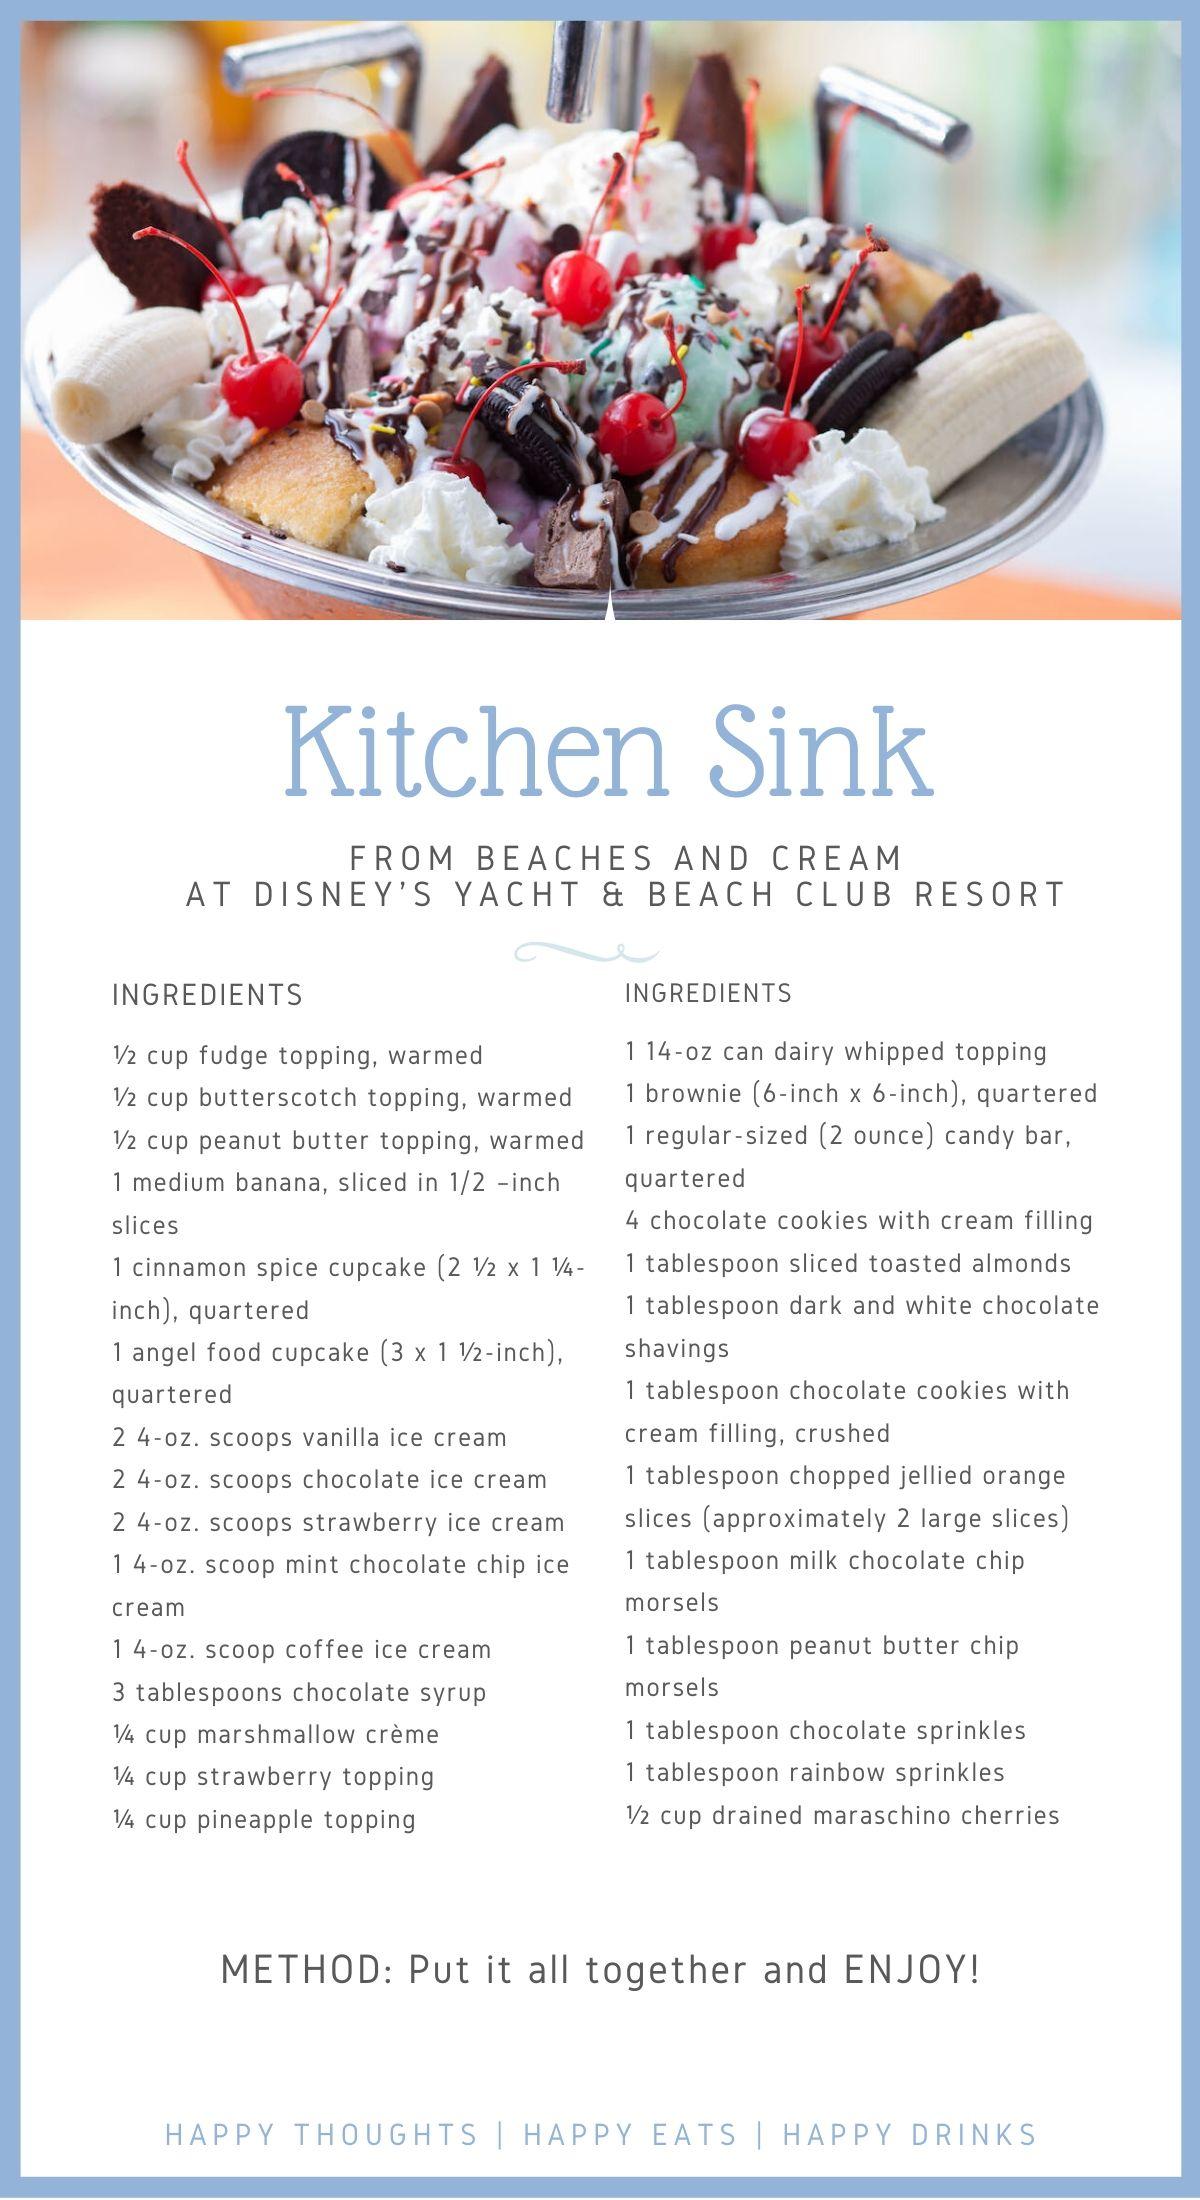 Yacht And Beach Club Kitchen Sink